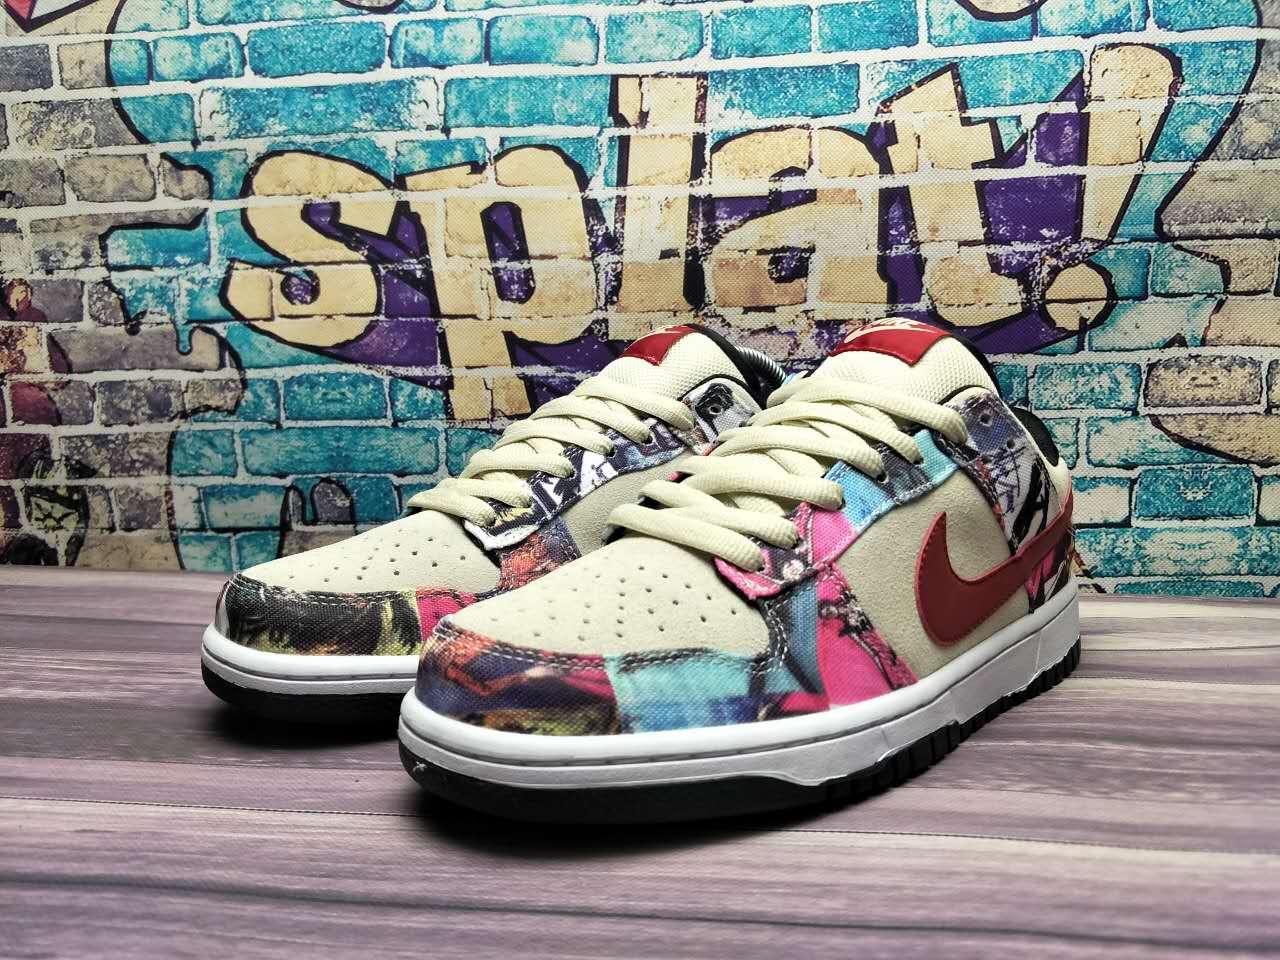 Nike Dunk SB Low Paris 308270-111